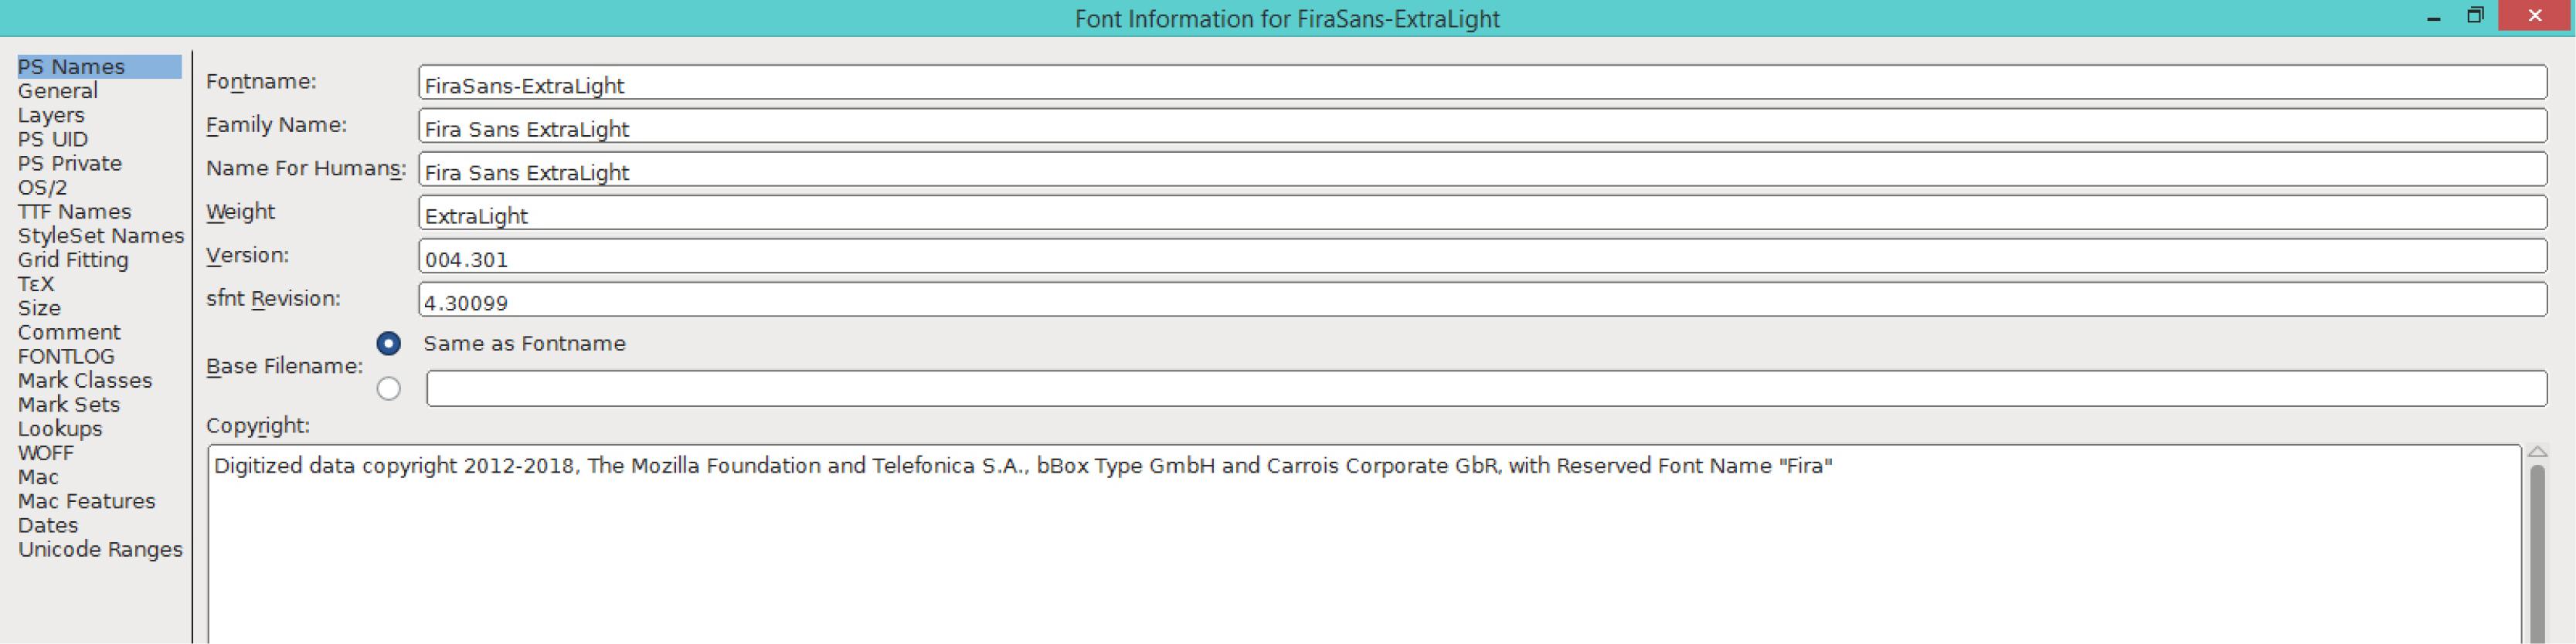 Fira Sans ExtraLight (PS)